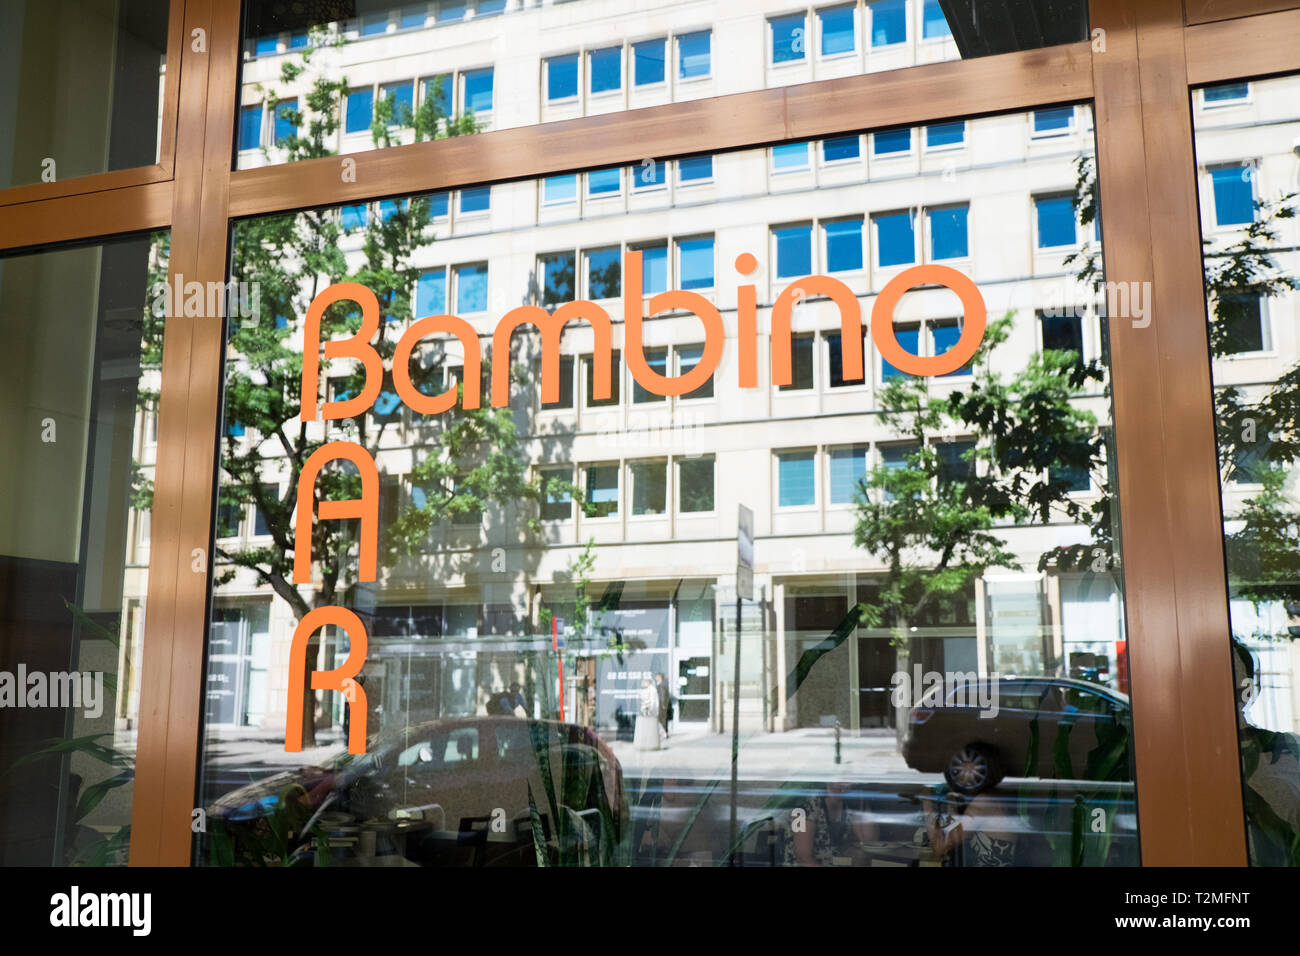 Exterior sign for Bar Bambino, a milk bar in Warsaw, Poland. - Stock Image